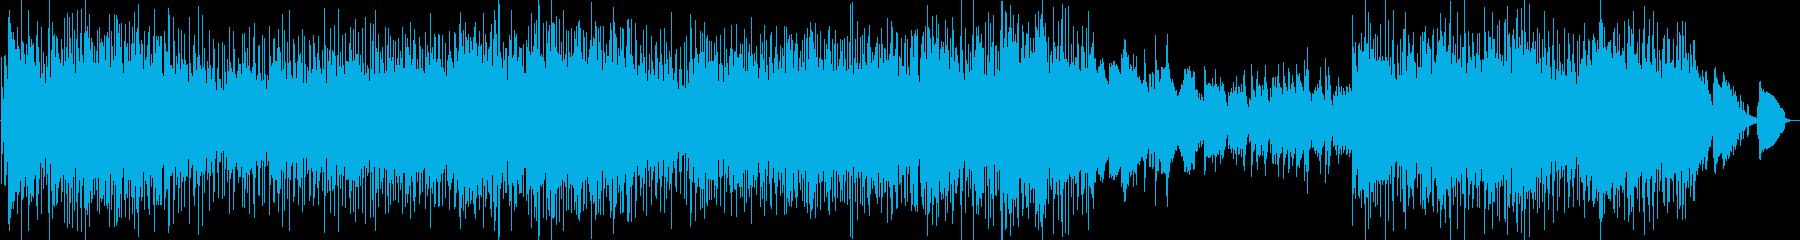 ポップスバラード調のピアノ曲の再生済みの波形